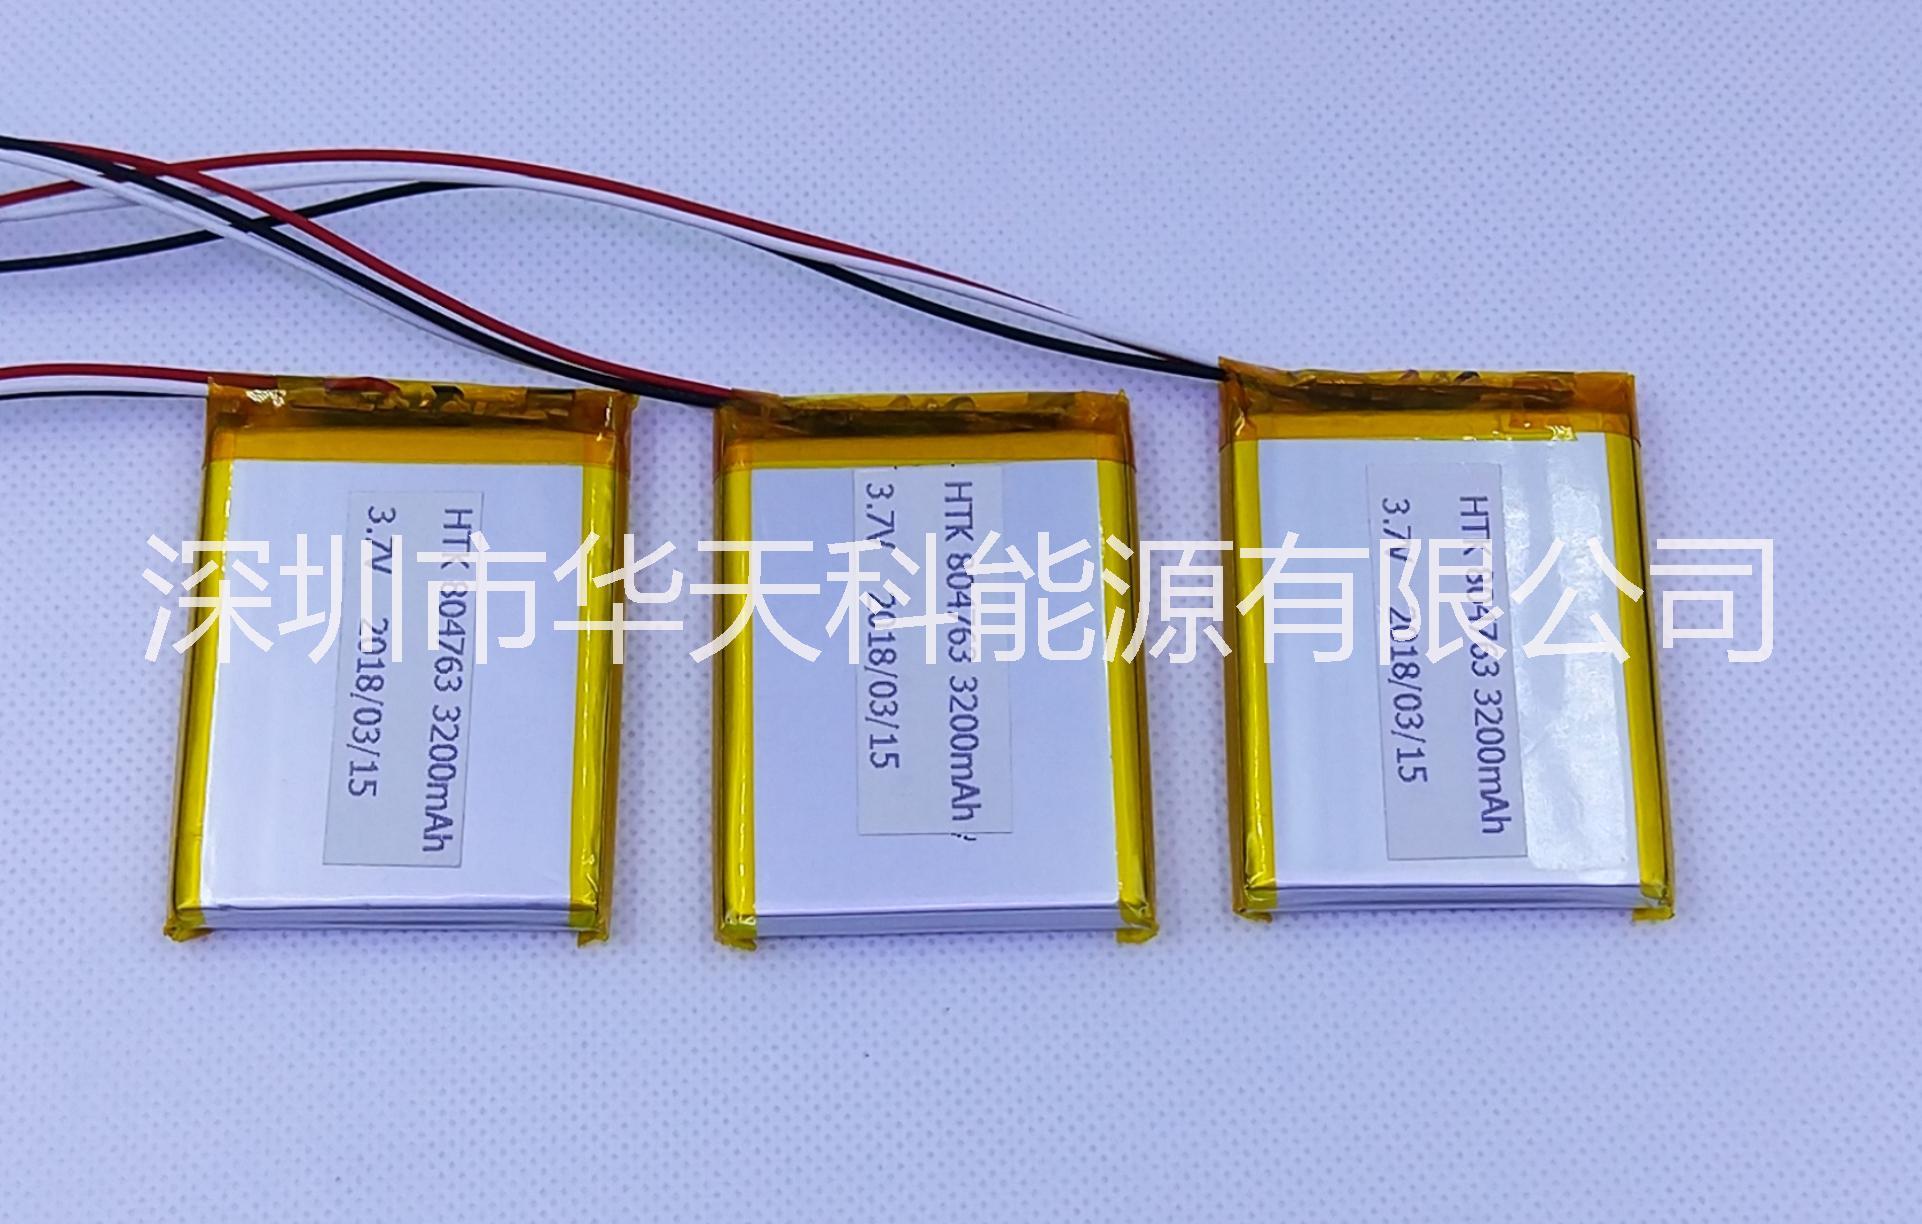 供应804763聚合物锂电池3.7V3200聚合物电池生产厂家